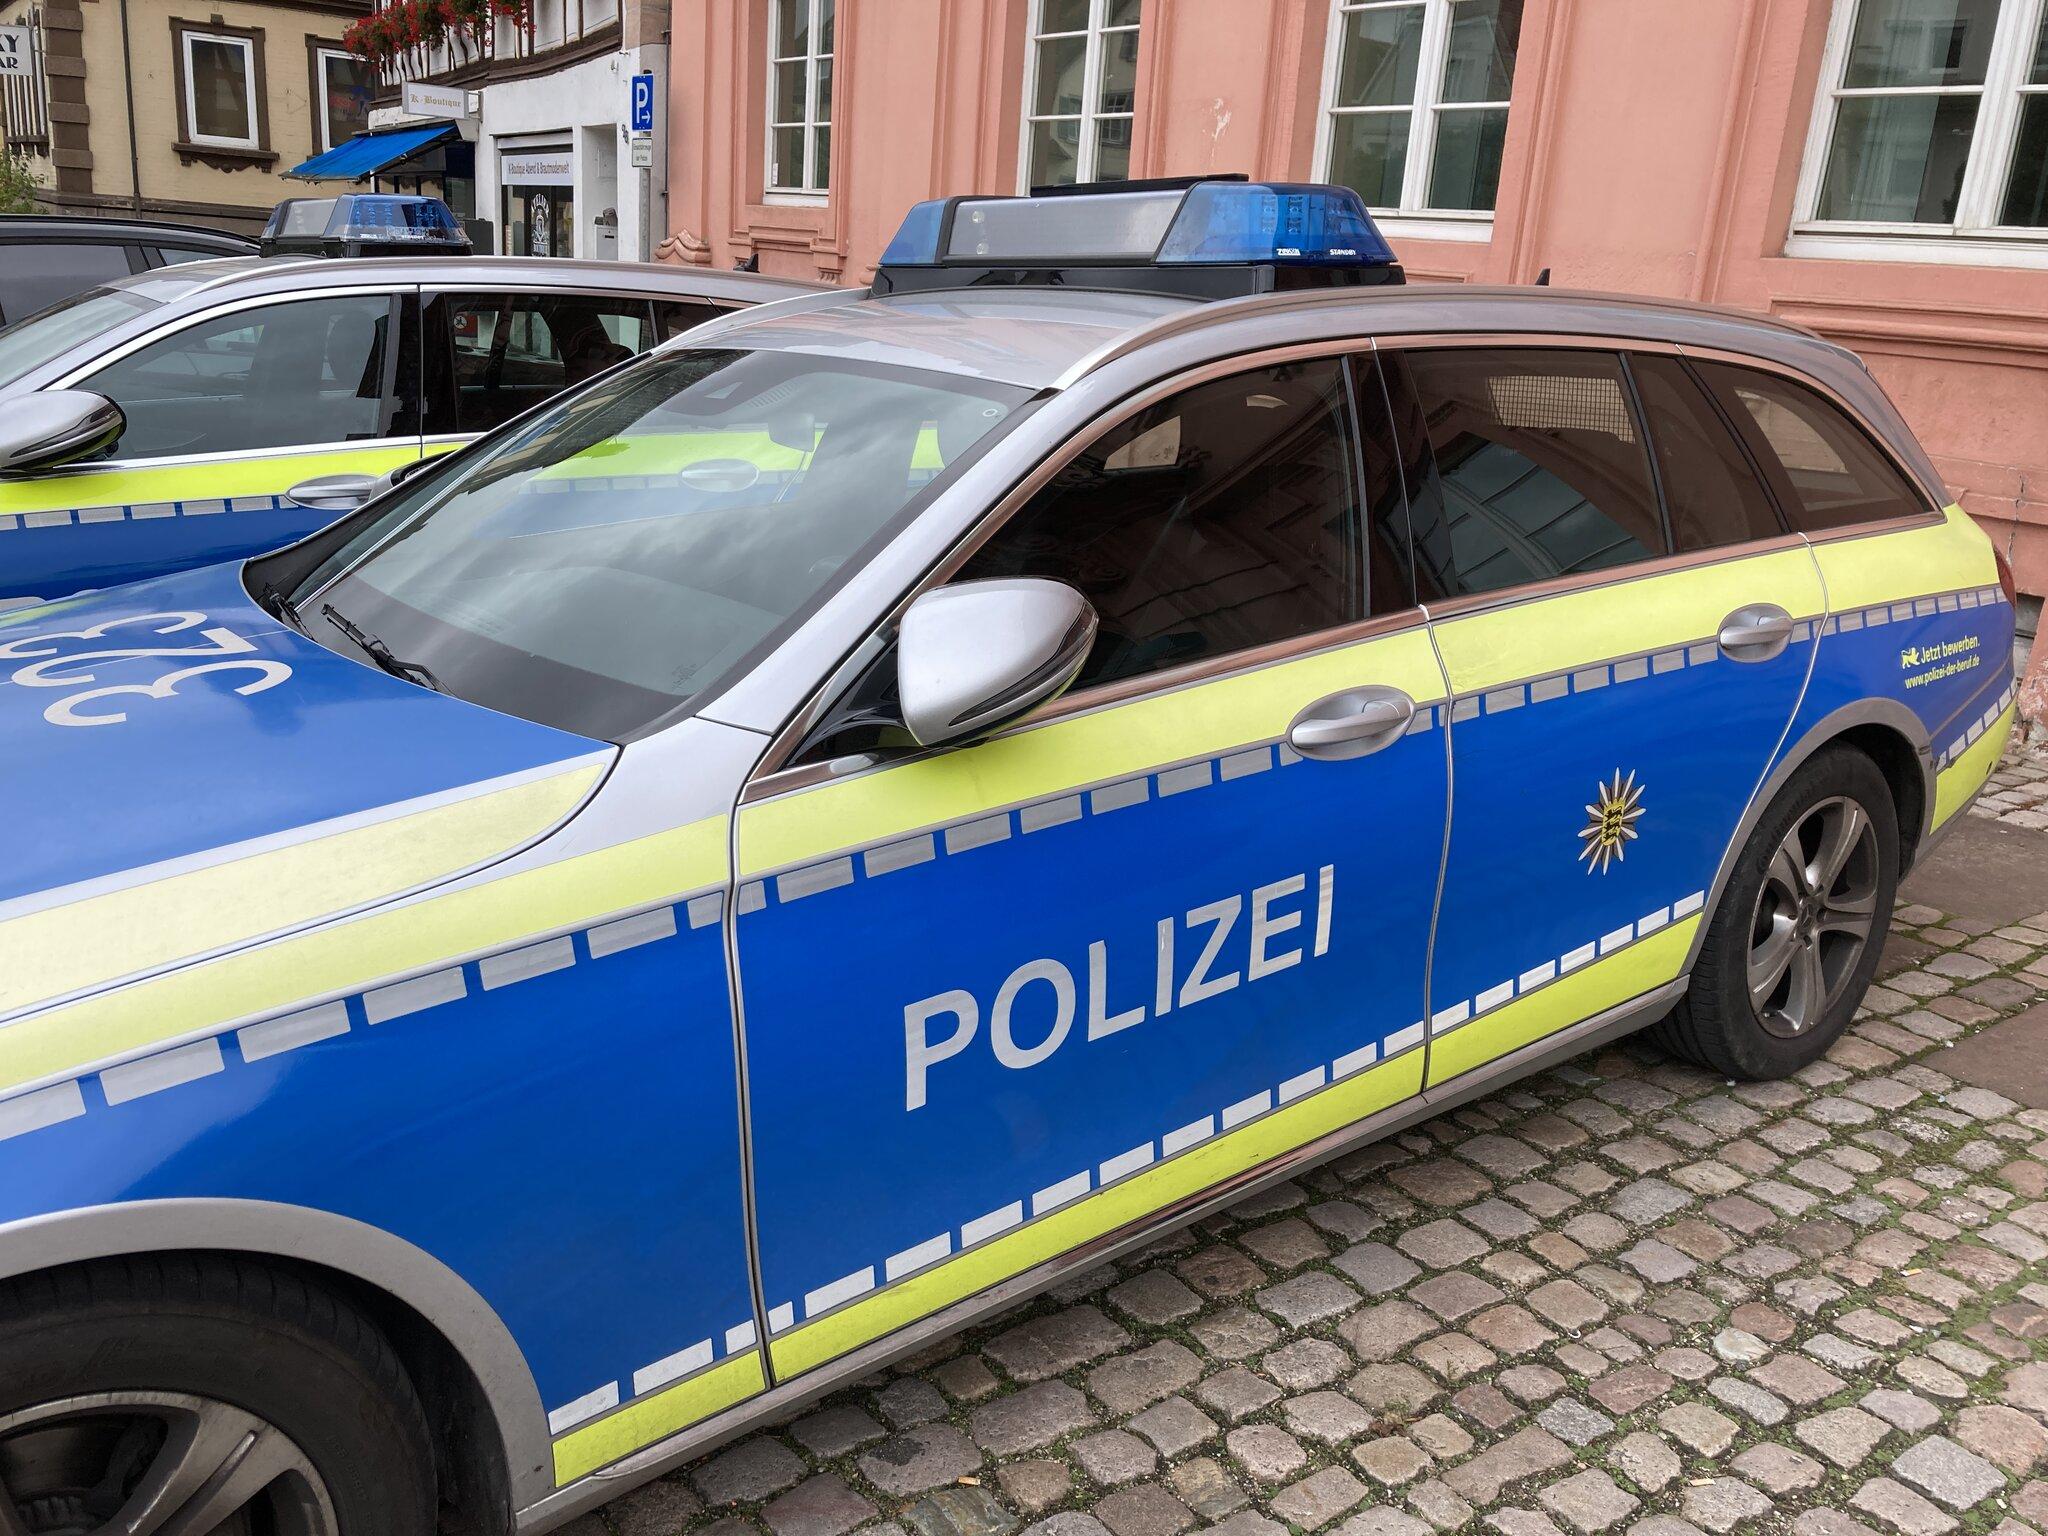 Polizeimeldung Offenburg